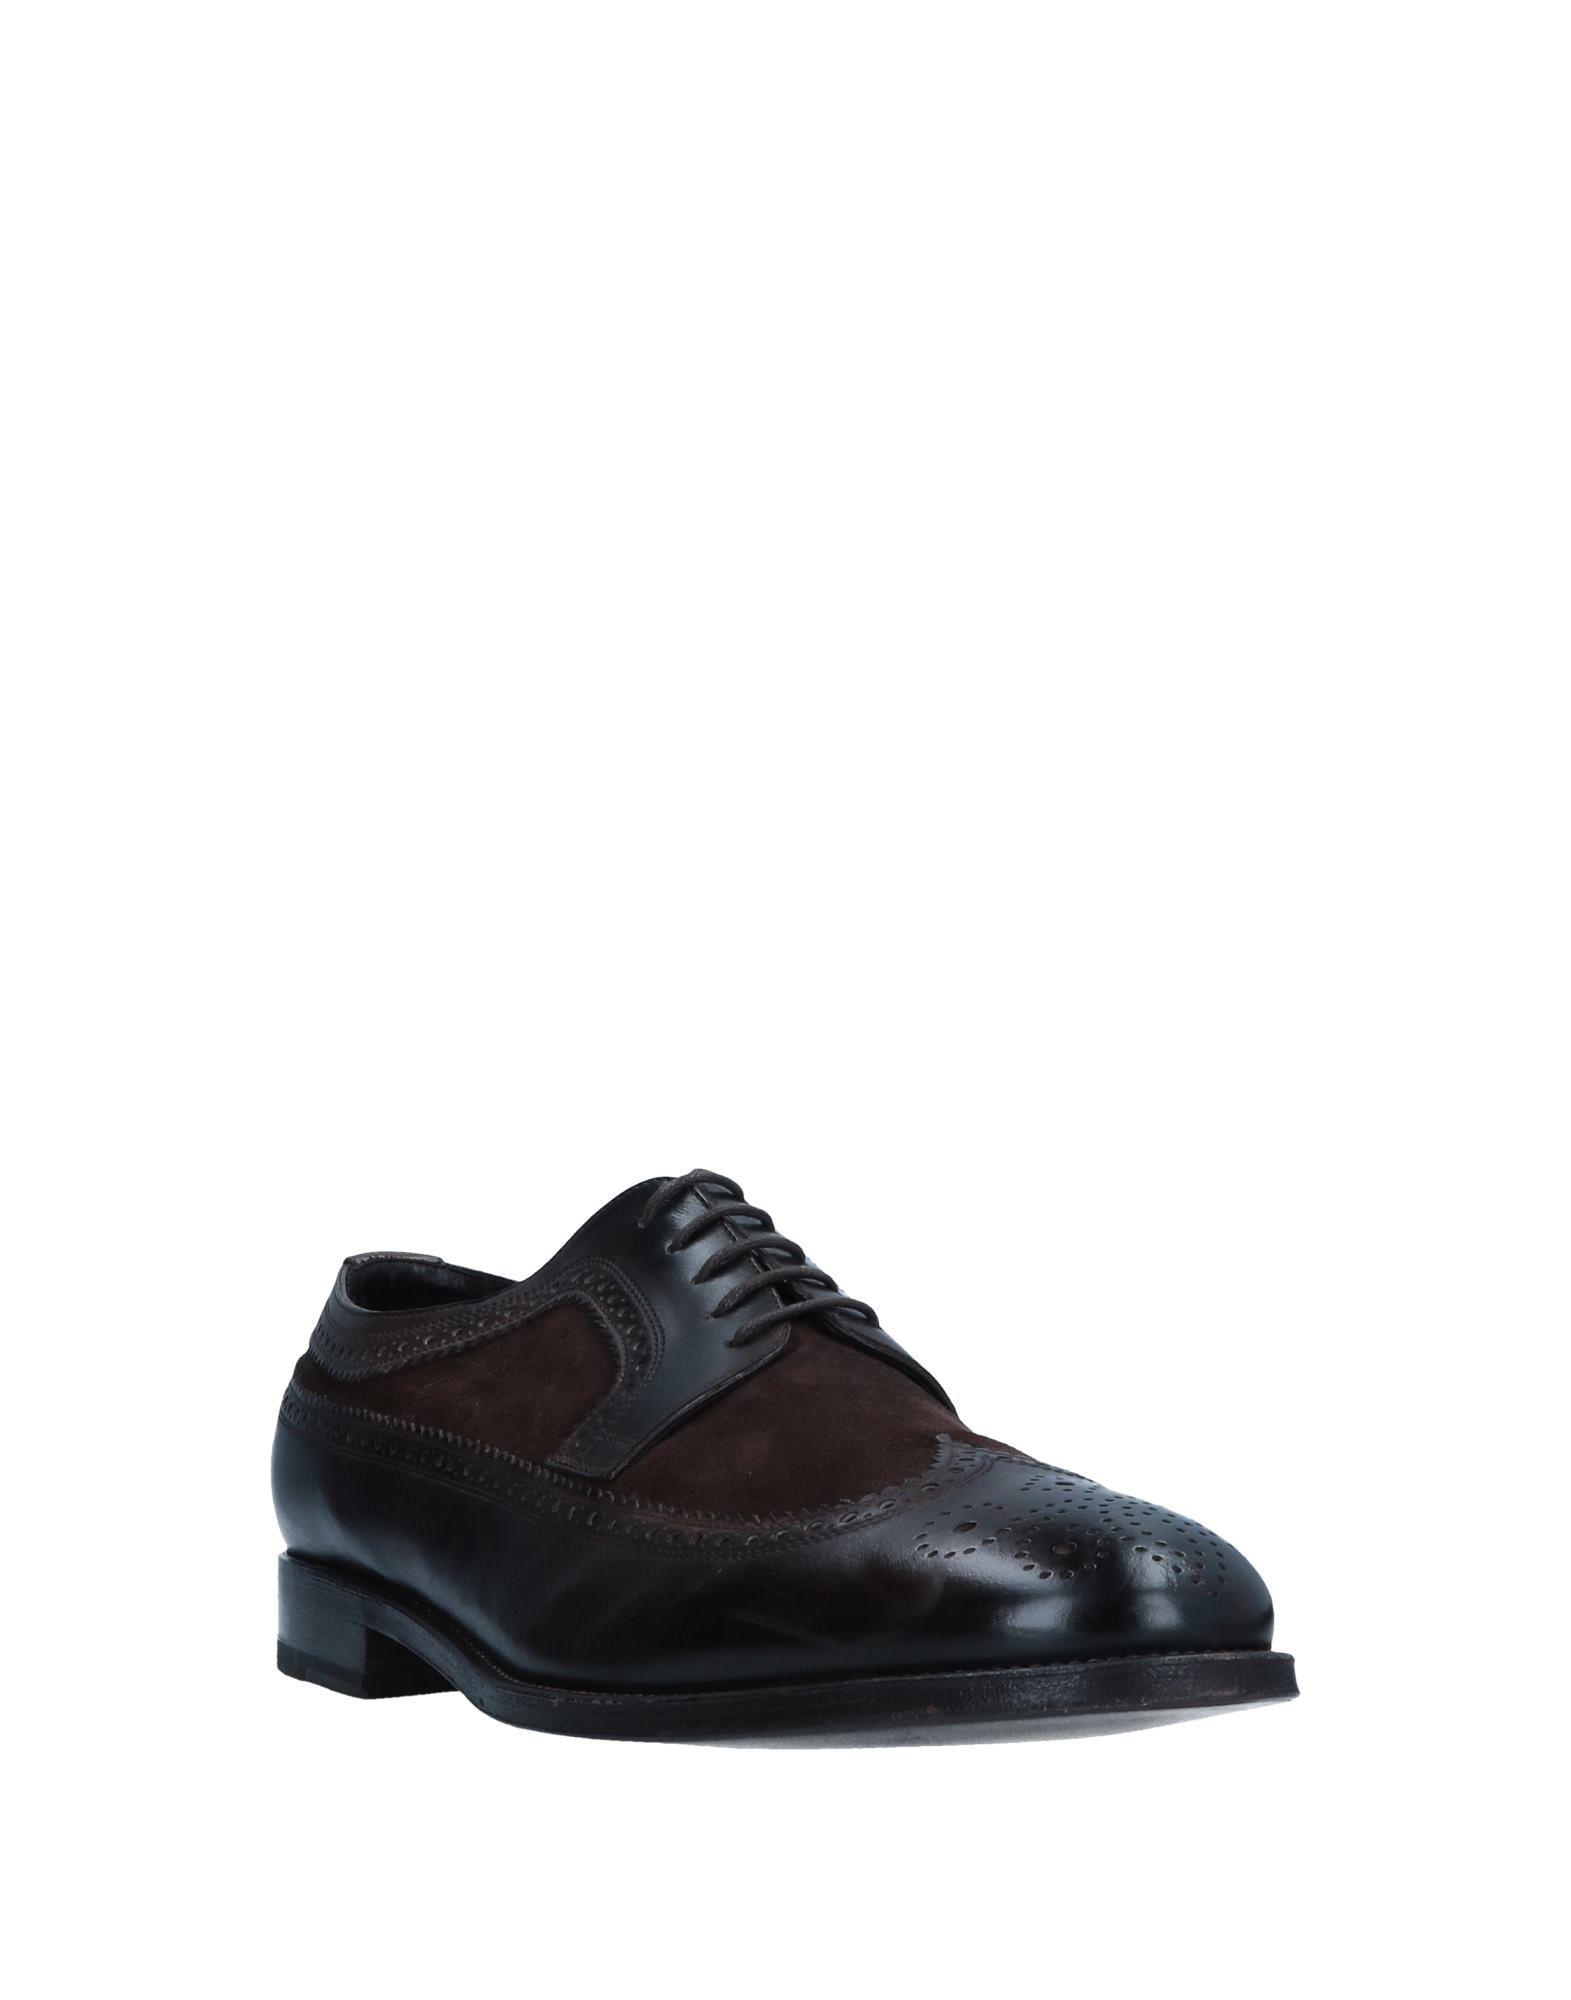 Fratelli Rossetti Schnürschuhe Herren  11557855WC Gute Qualität beliebte Schuhe